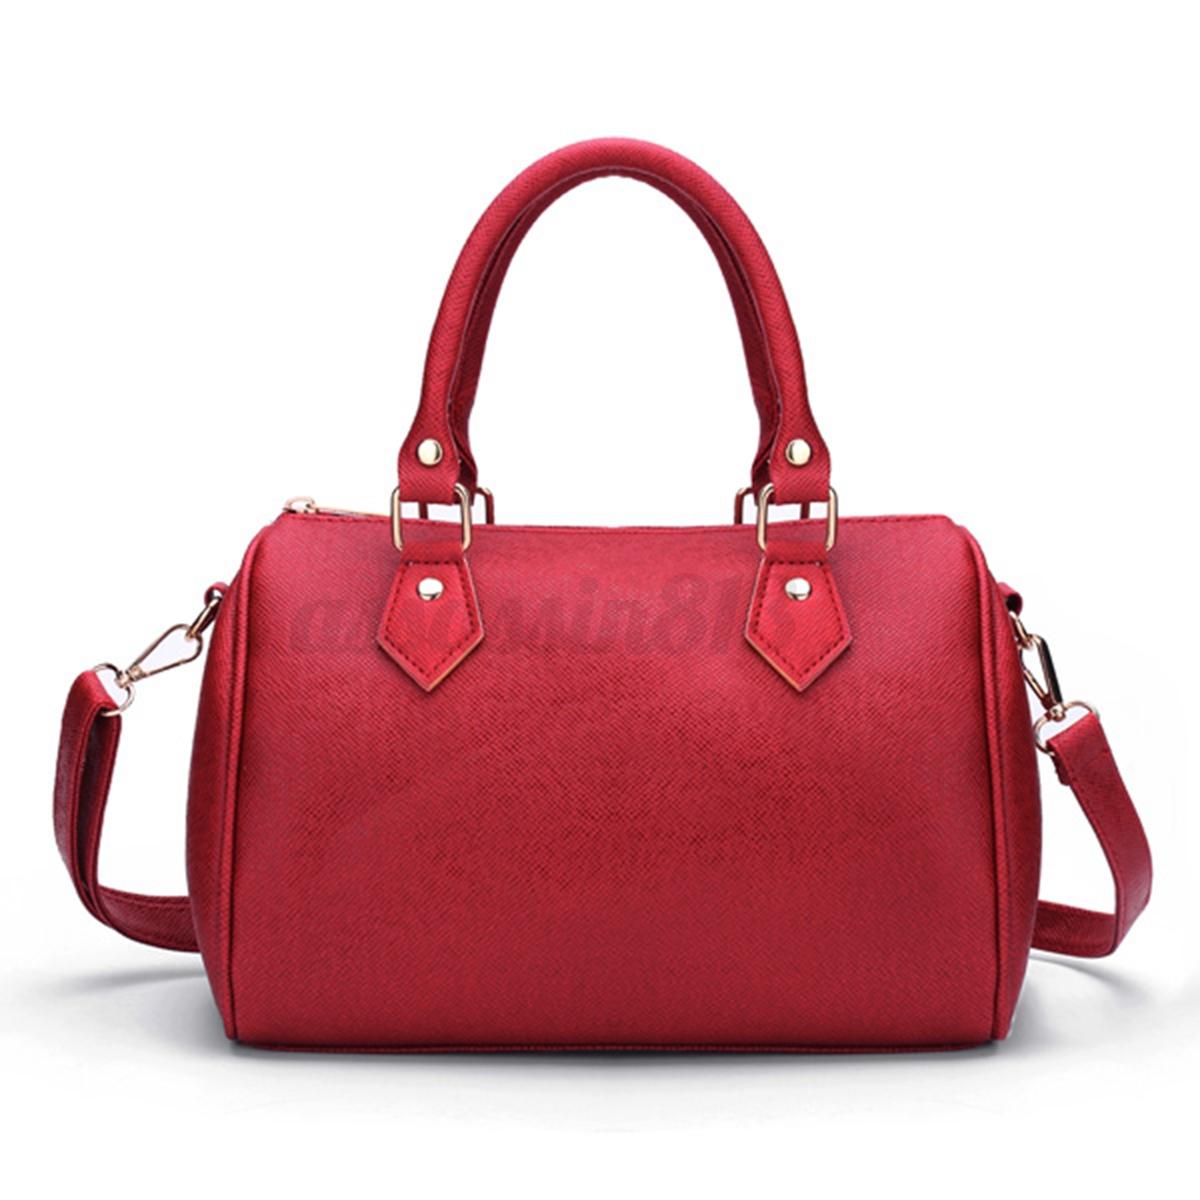 women leather handbag shoulder shopping bag tote lady. Black Bedroom Furniture Sets. Home Design Ideas